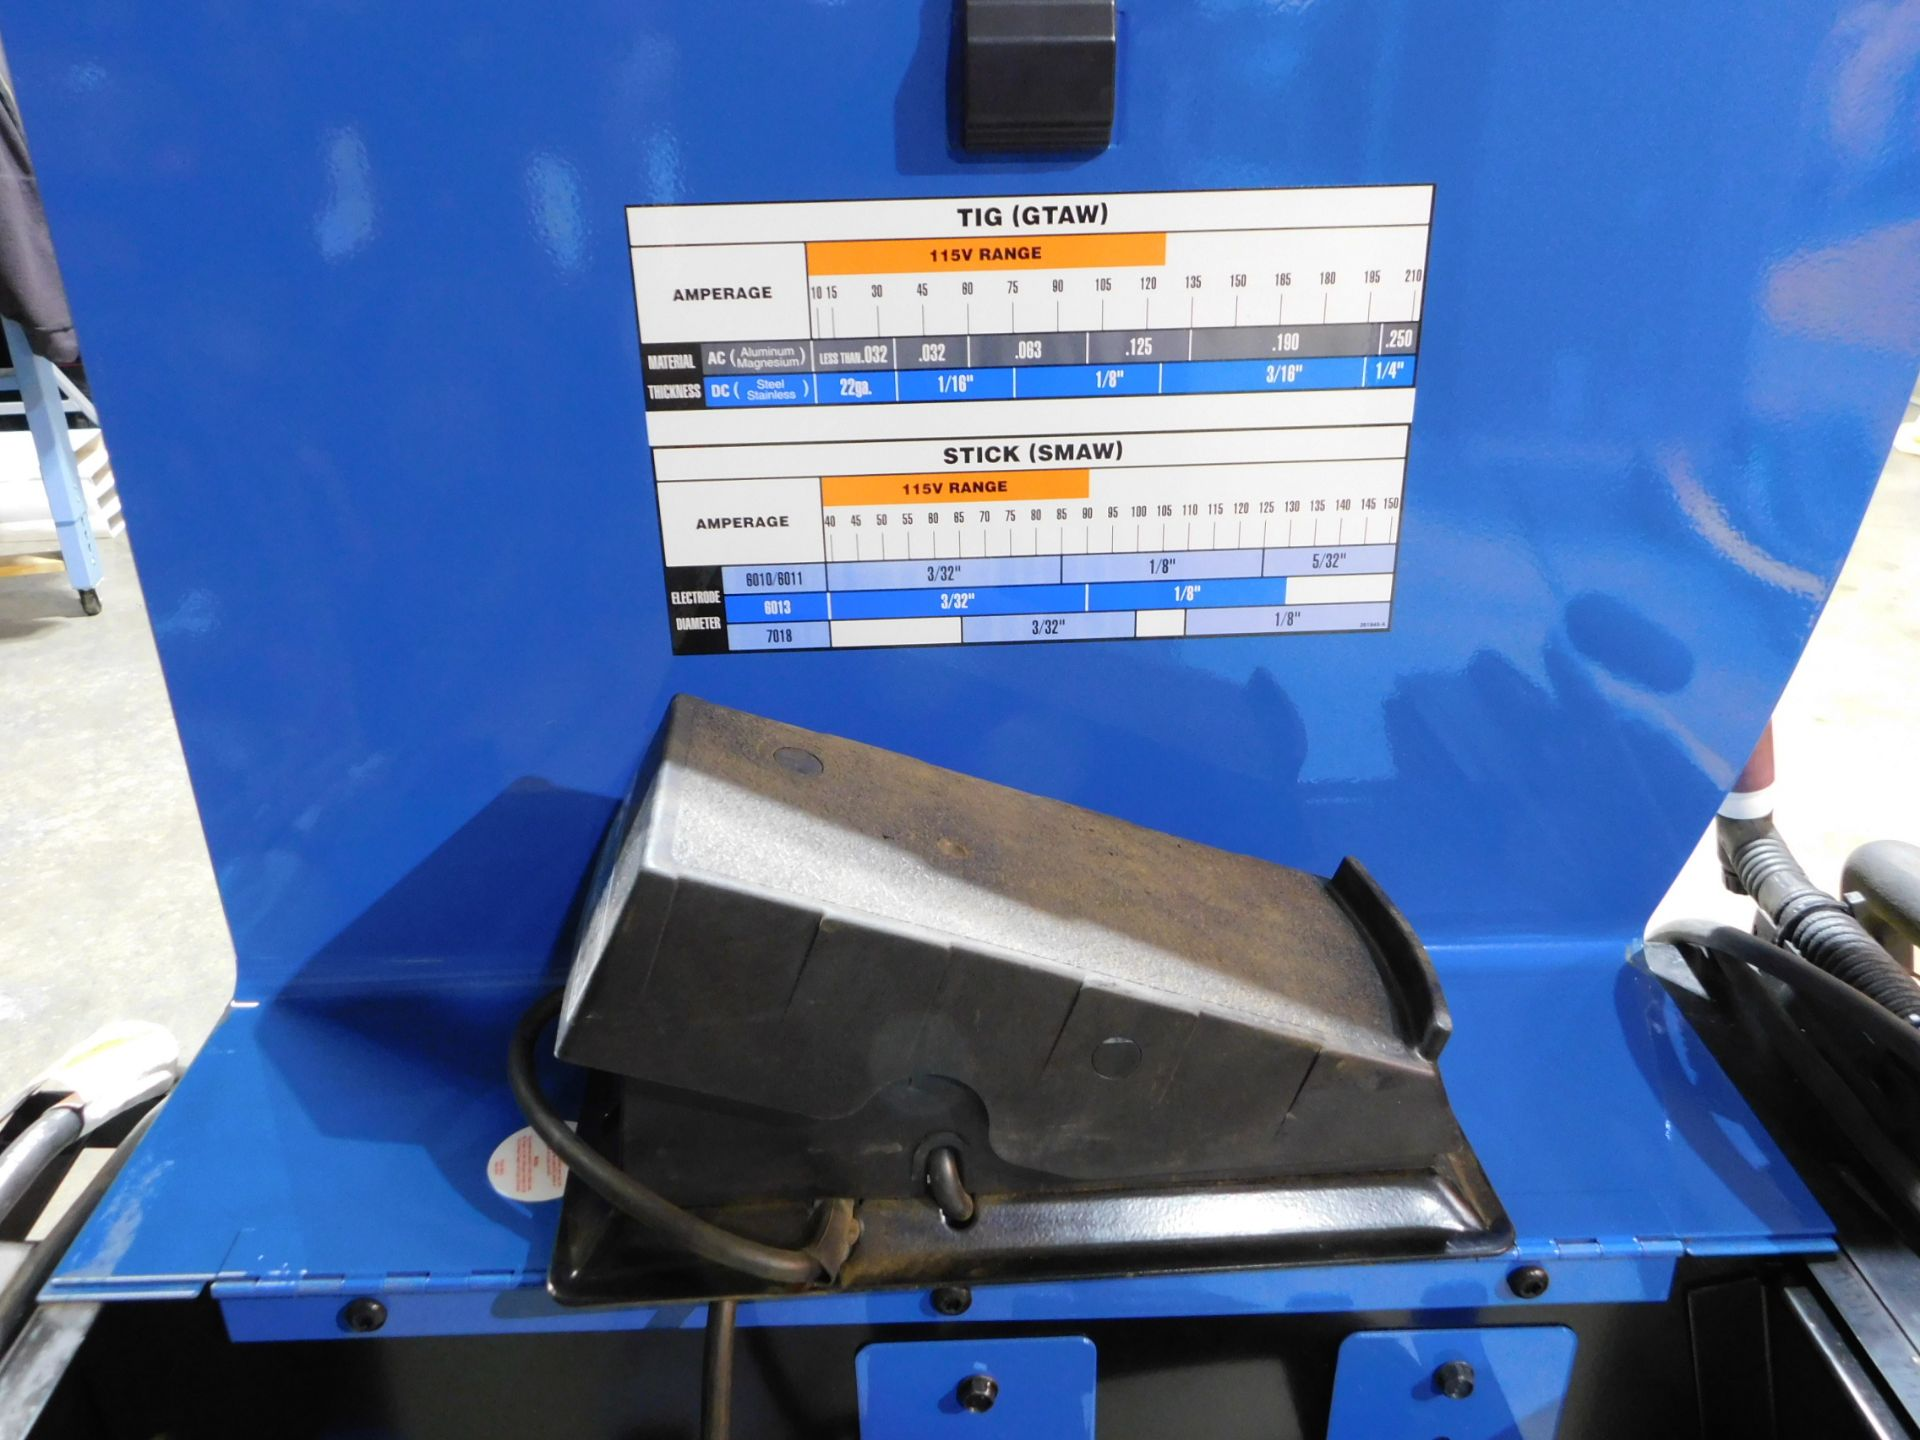 Lot 115 - Miller Syncrowave 210 Tig Welder, SN MJ260383L, with Tig Gun, Ground Cable, and Regulator, 115/230V,